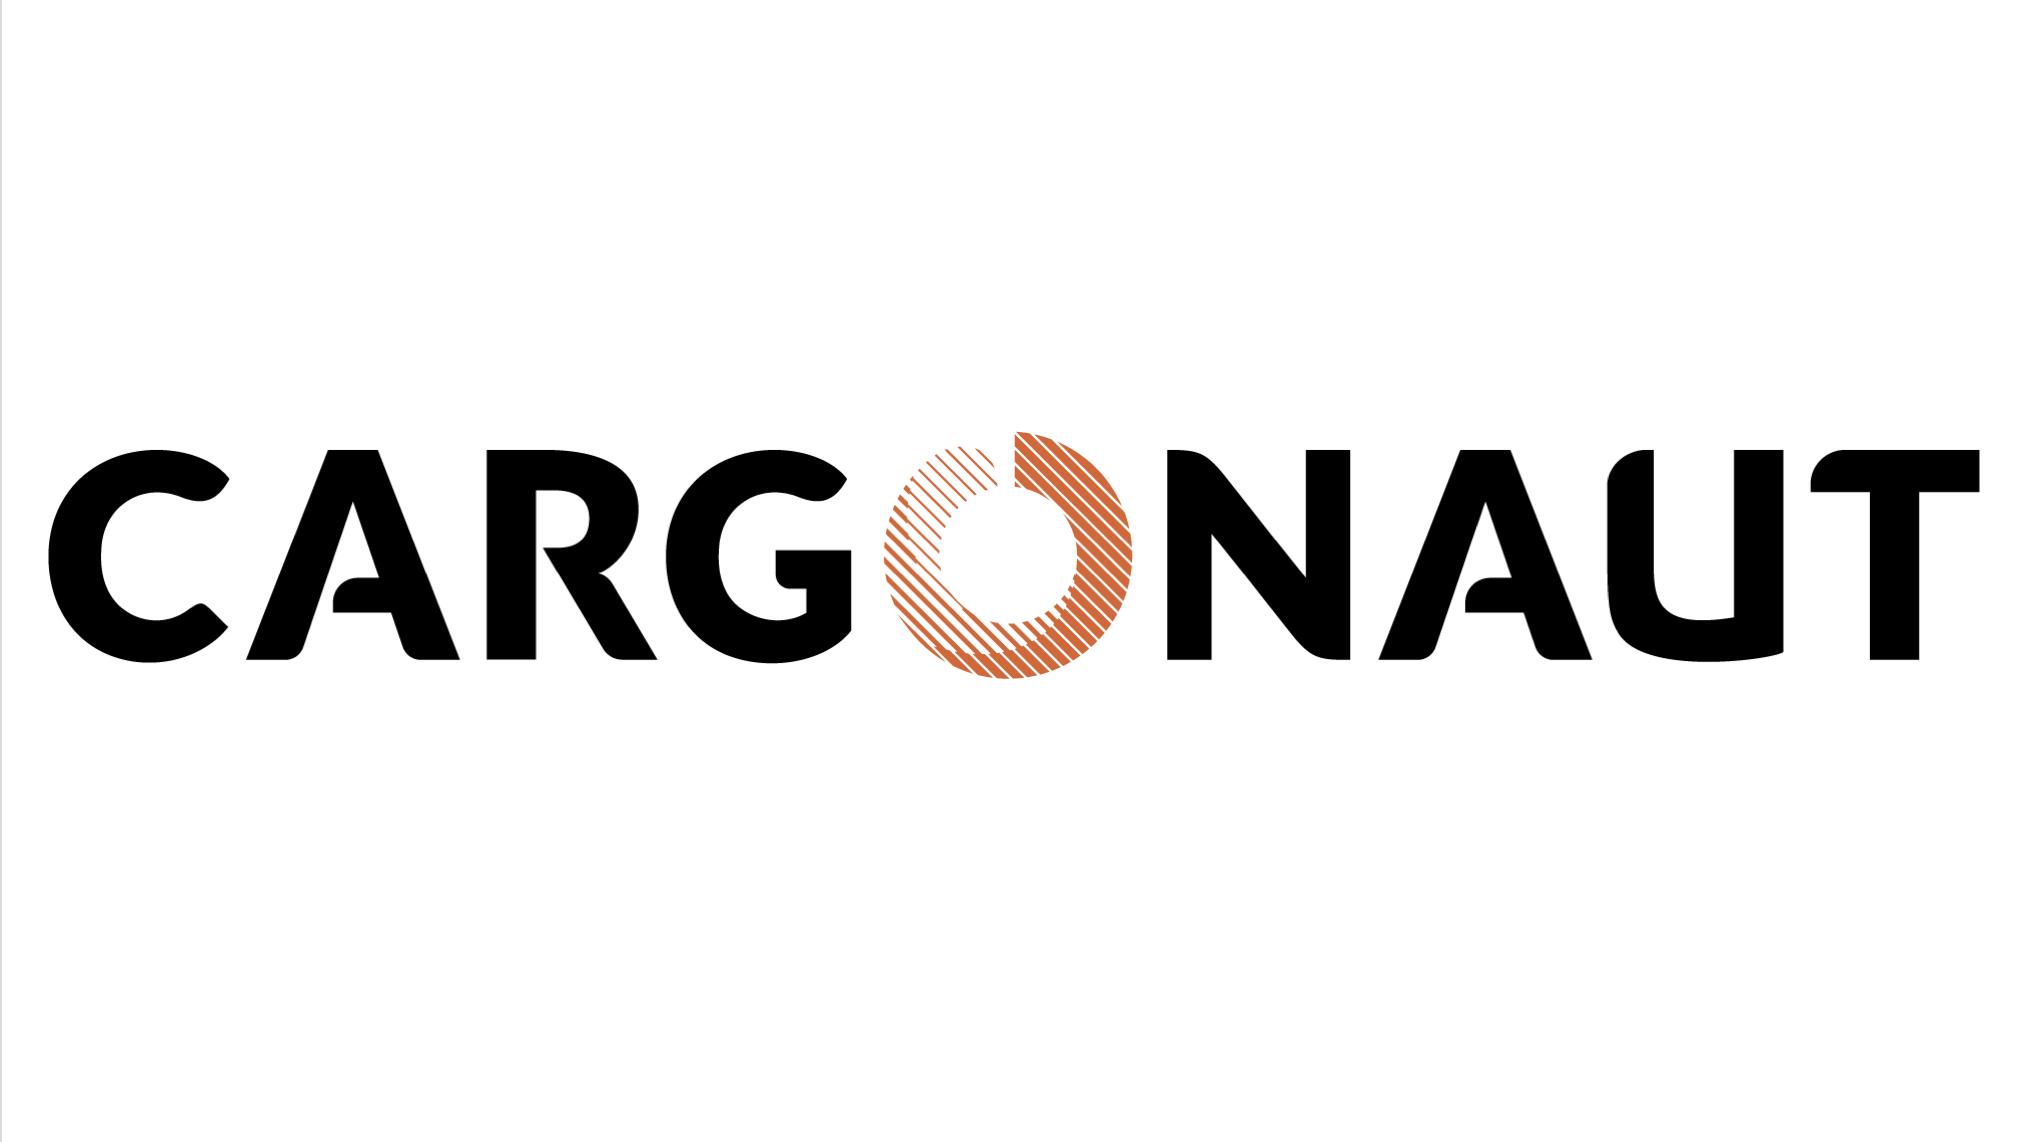 Cargonaut logo proven cases